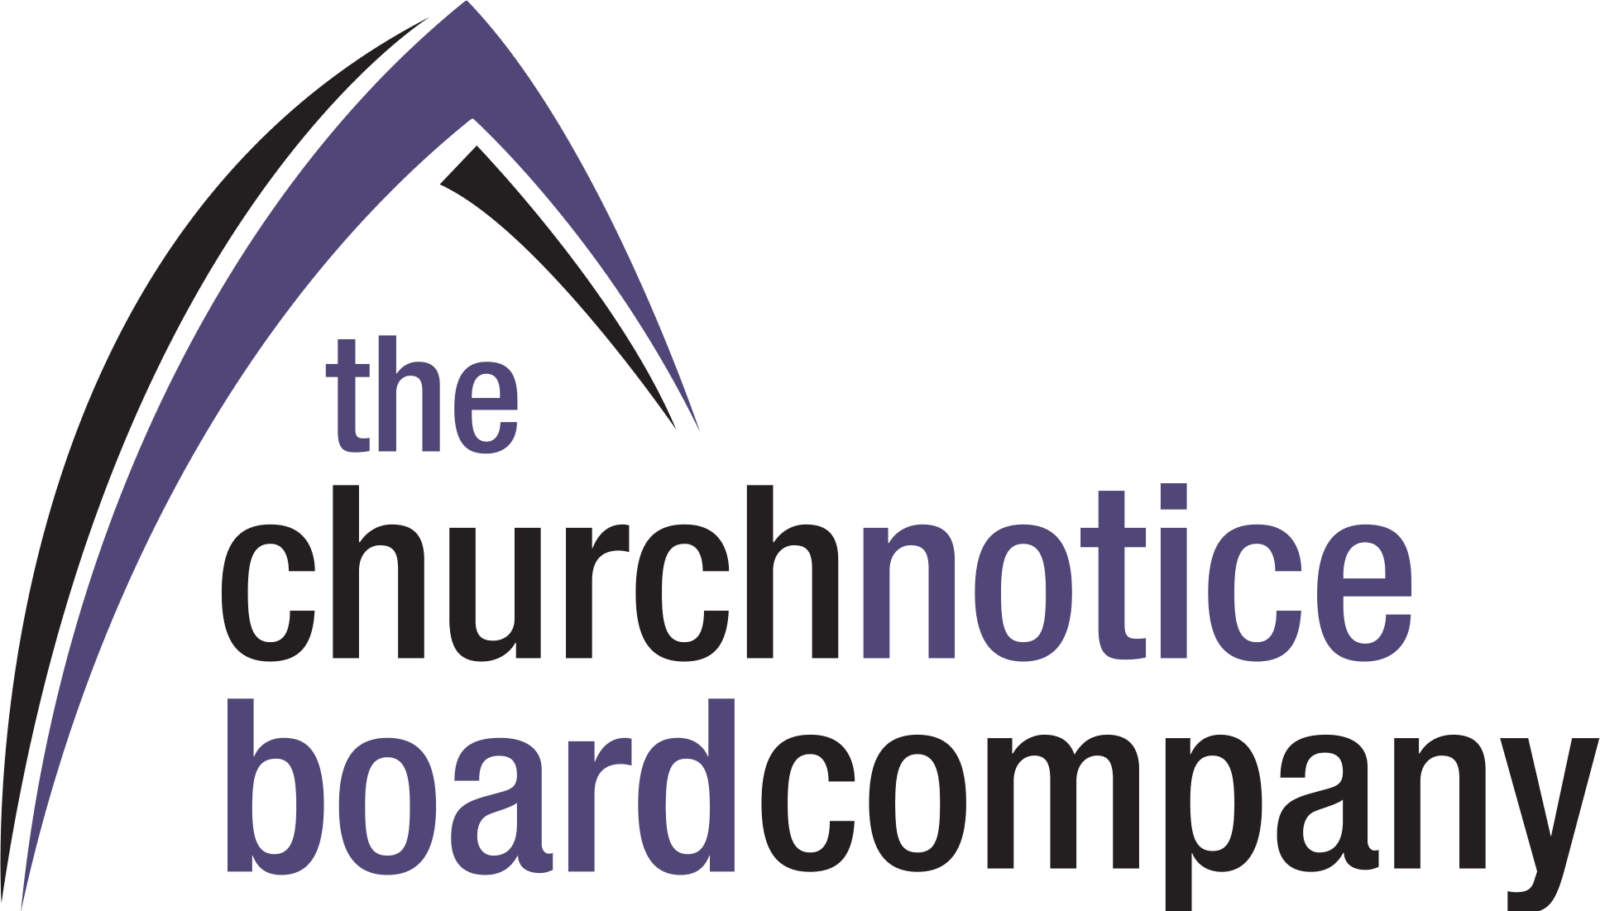 The Church Notice Board Company